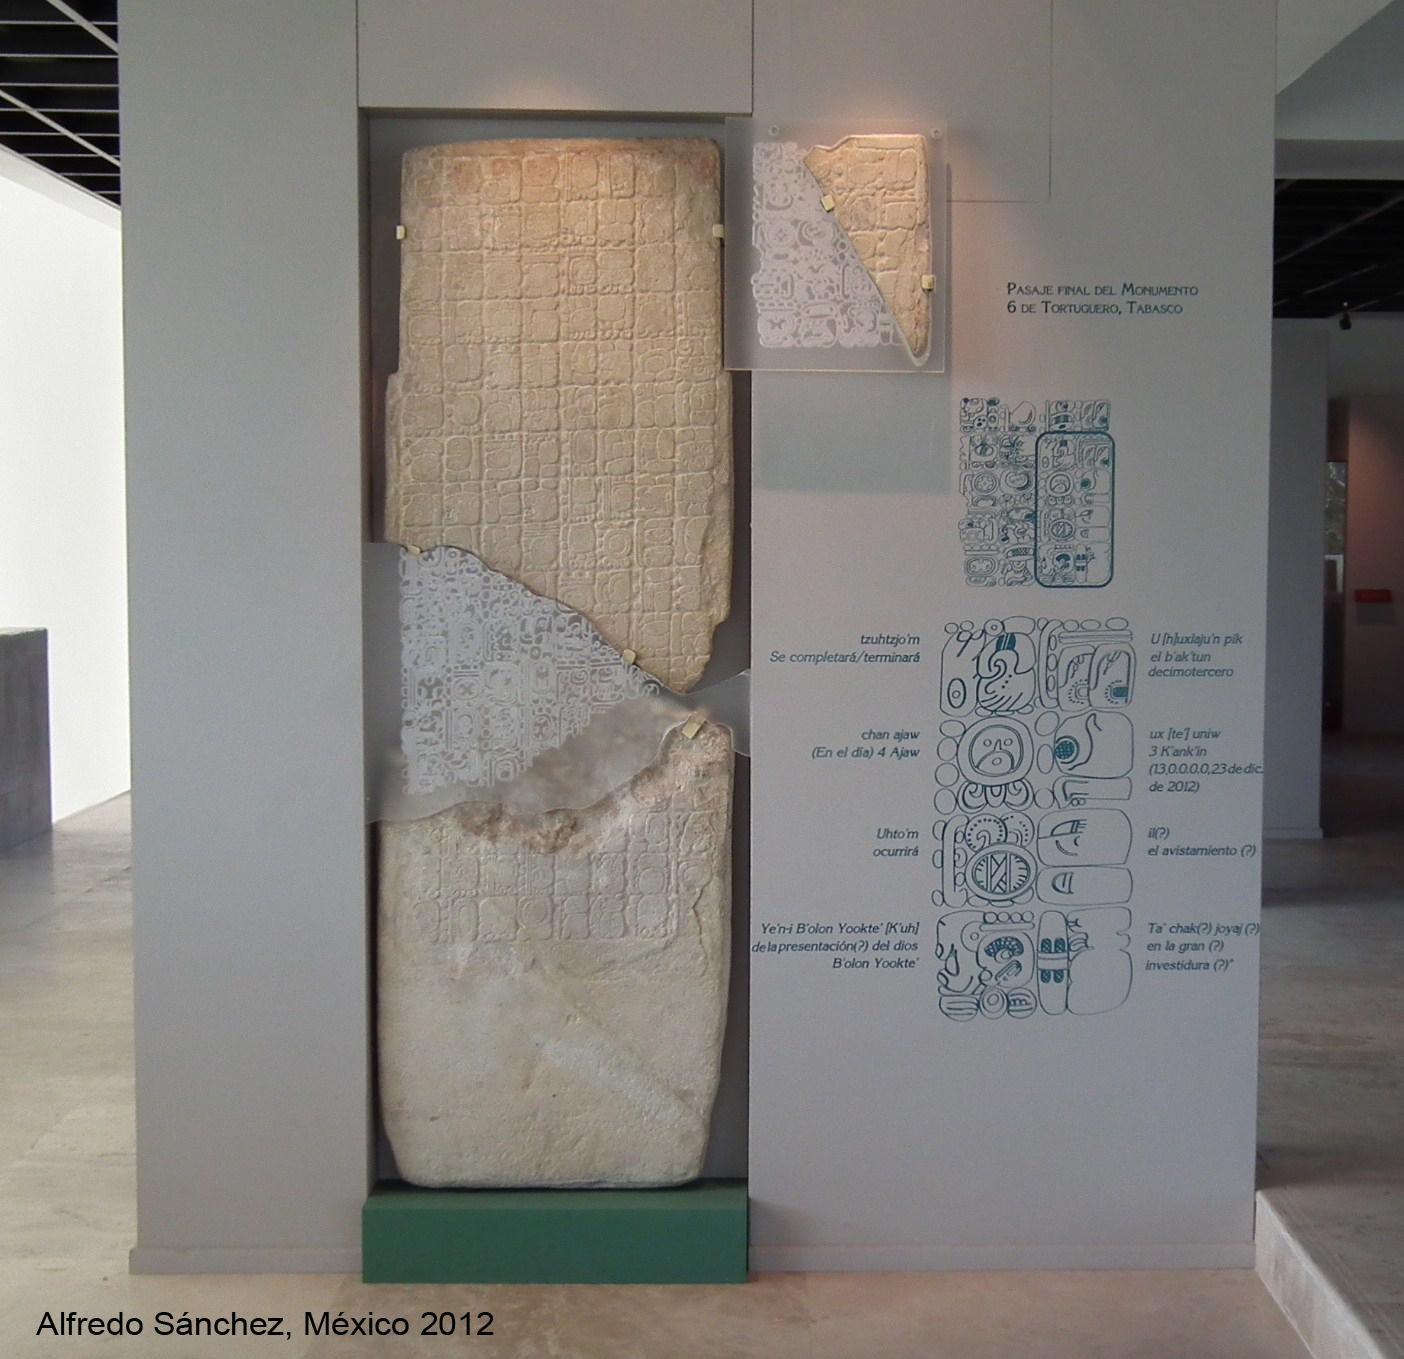 """Inskrypcja z Tortuguero w Meksyku łączona z przepowiednią """"końca świata"""". Autor: Enigmamexicano, lic. CC BY-SA 3.0."""